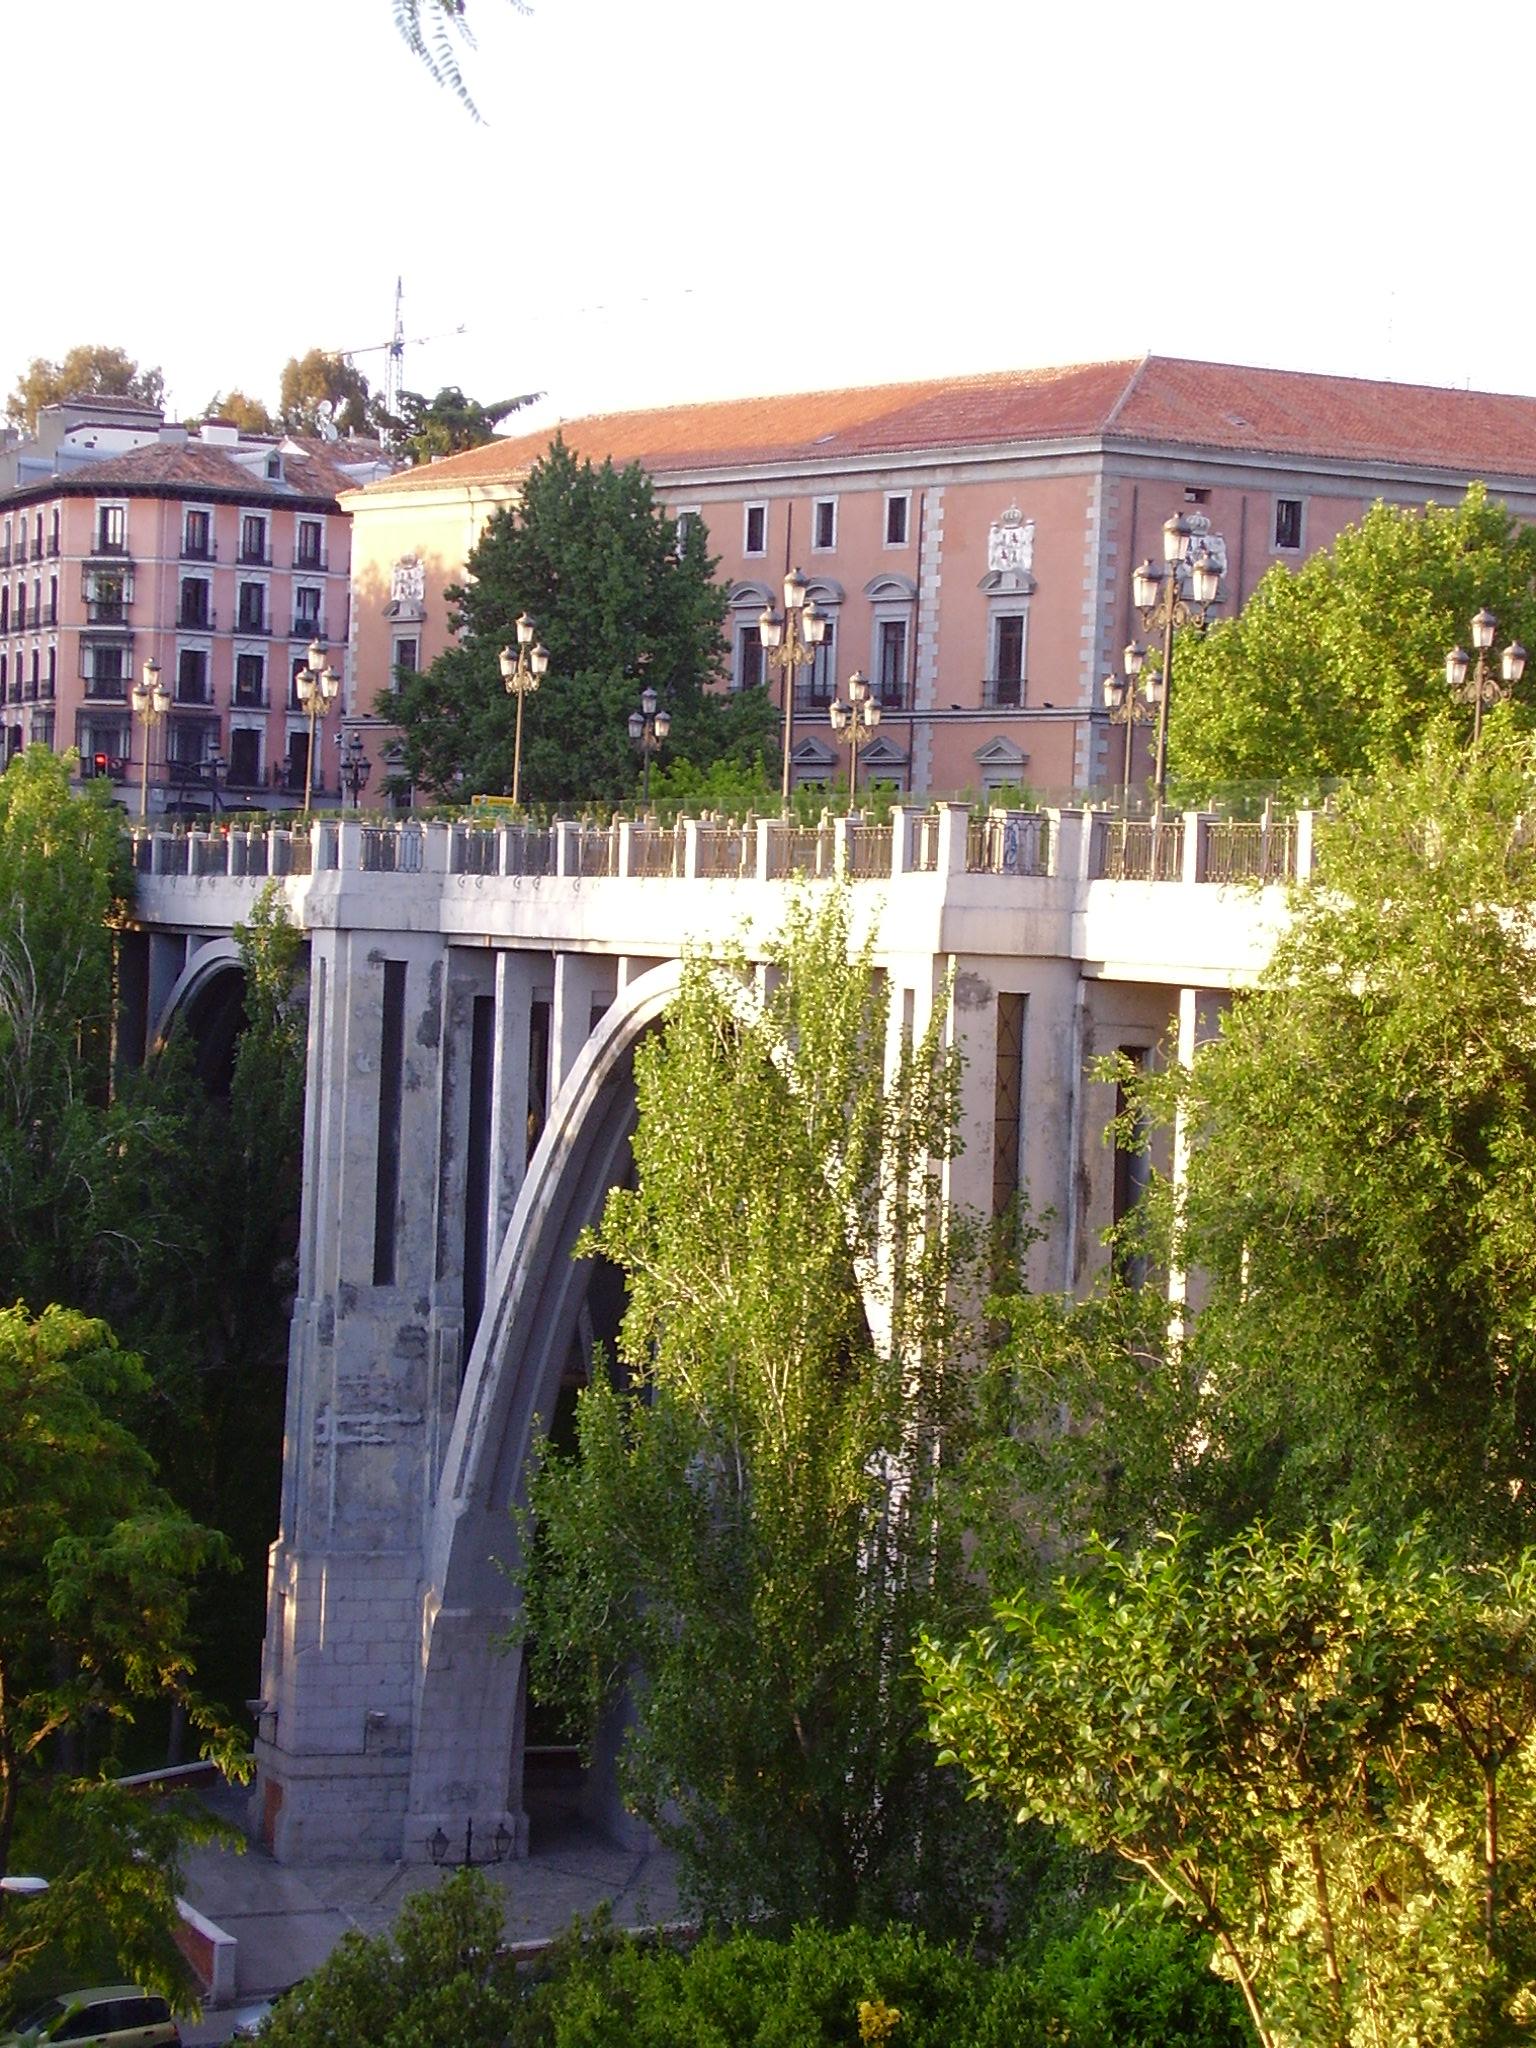 Viaducto Madrid